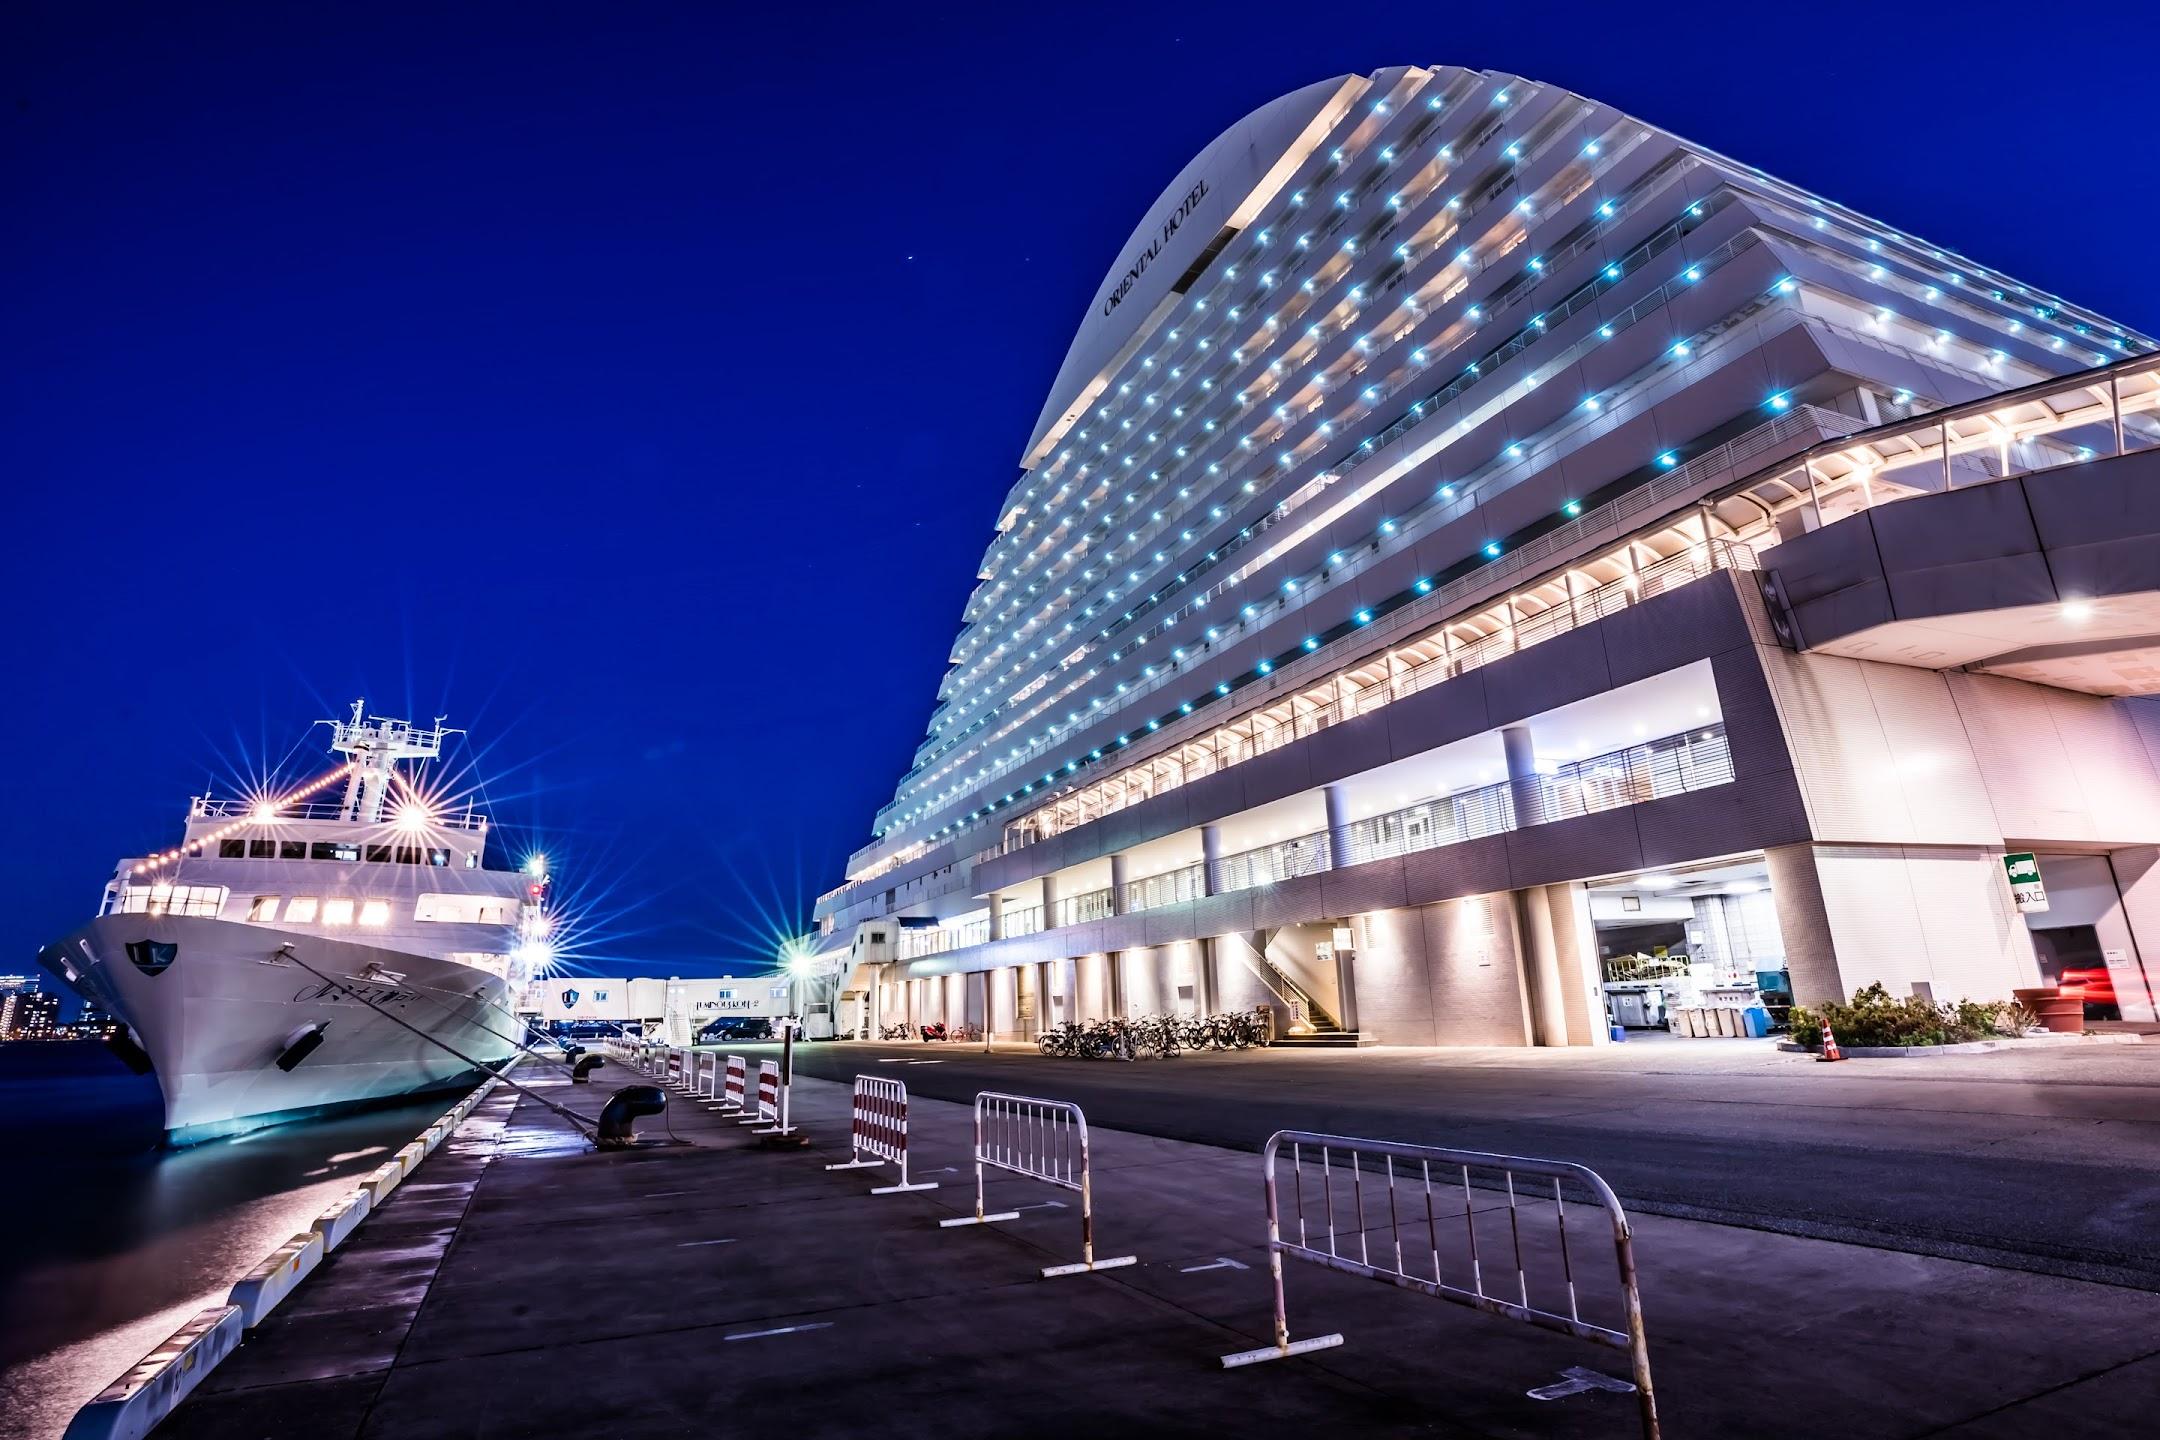 神戸 ルミナス神戸2 神戸メリケンパークオリエンタルホテル 夜景